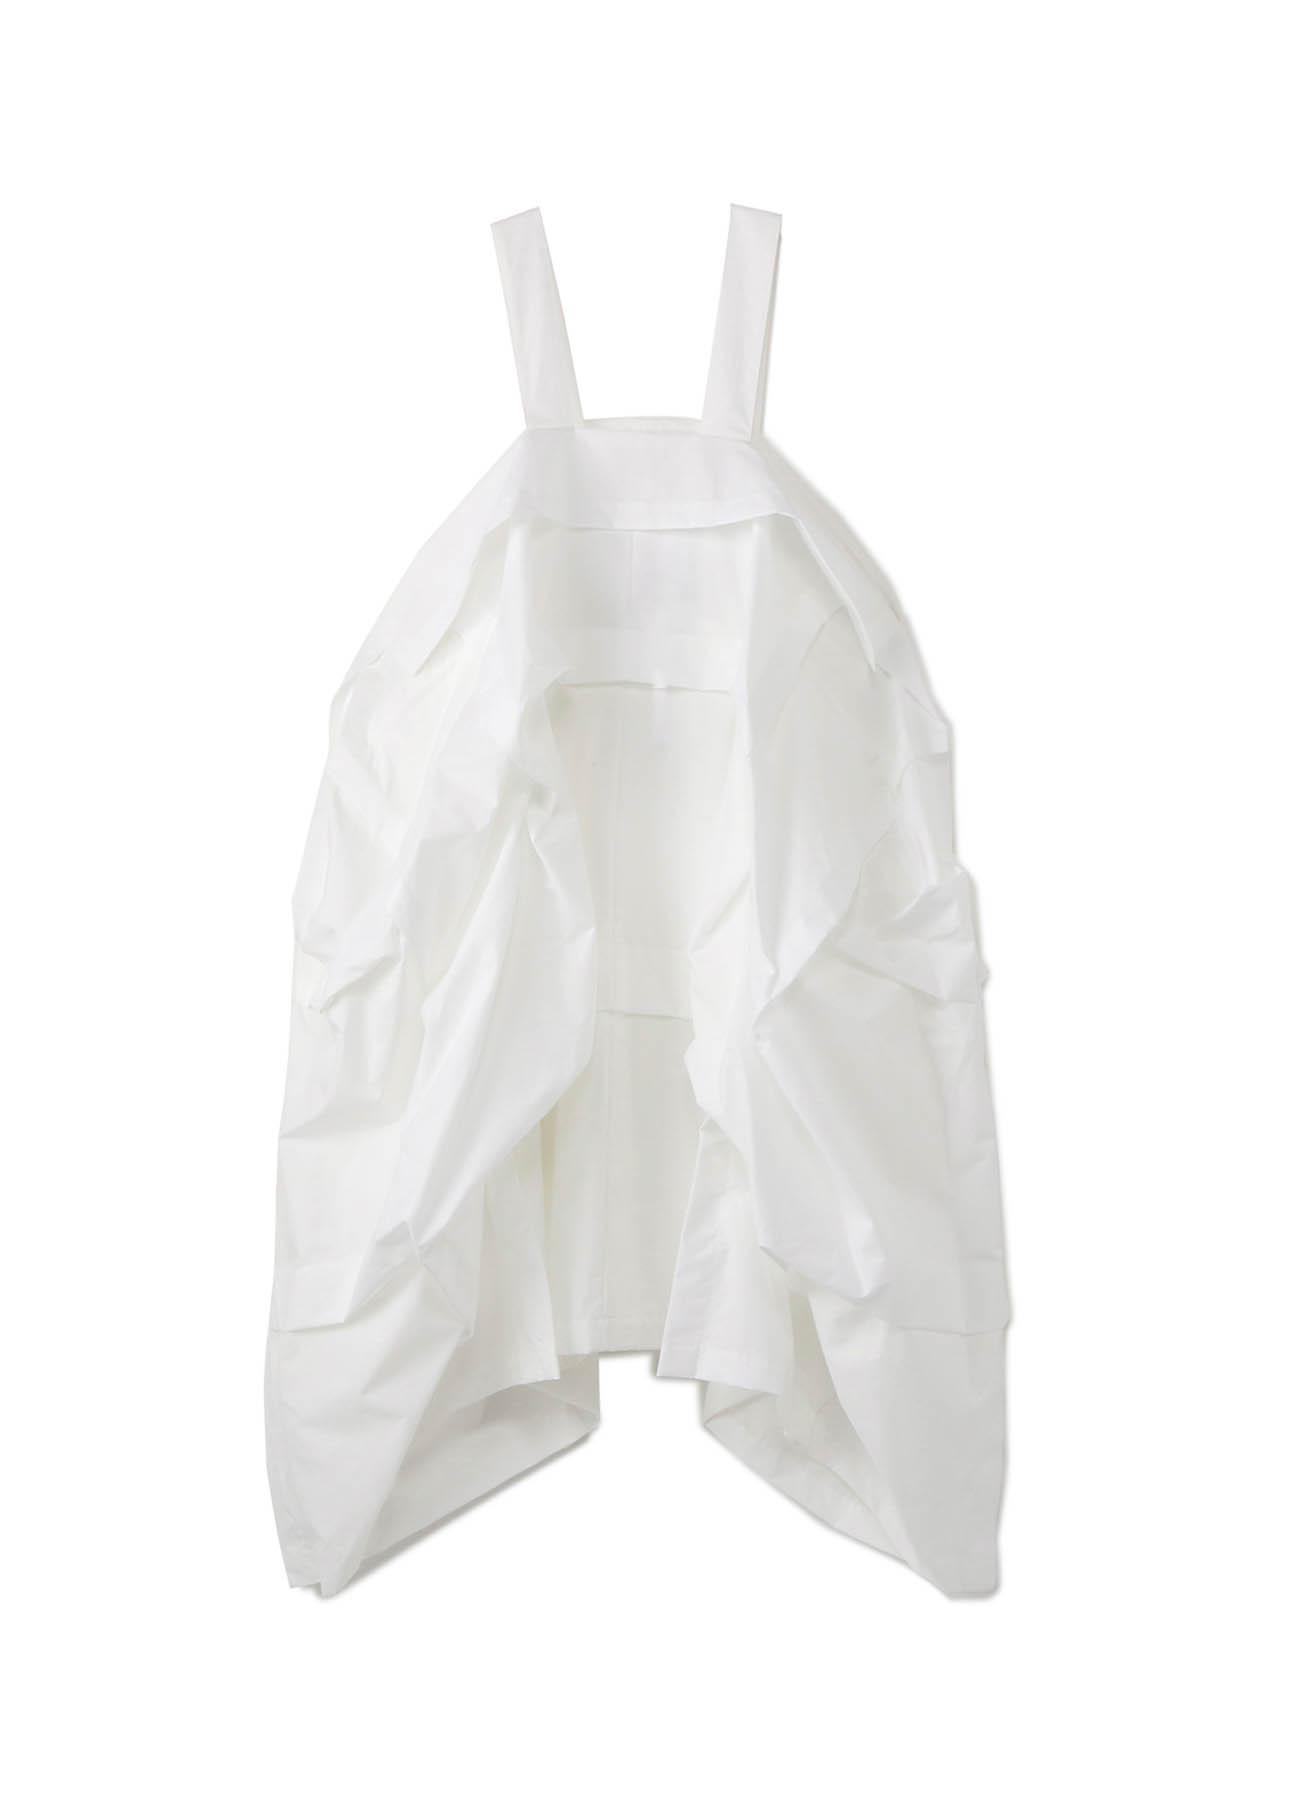 Ny/タッサーキャミタックドレス